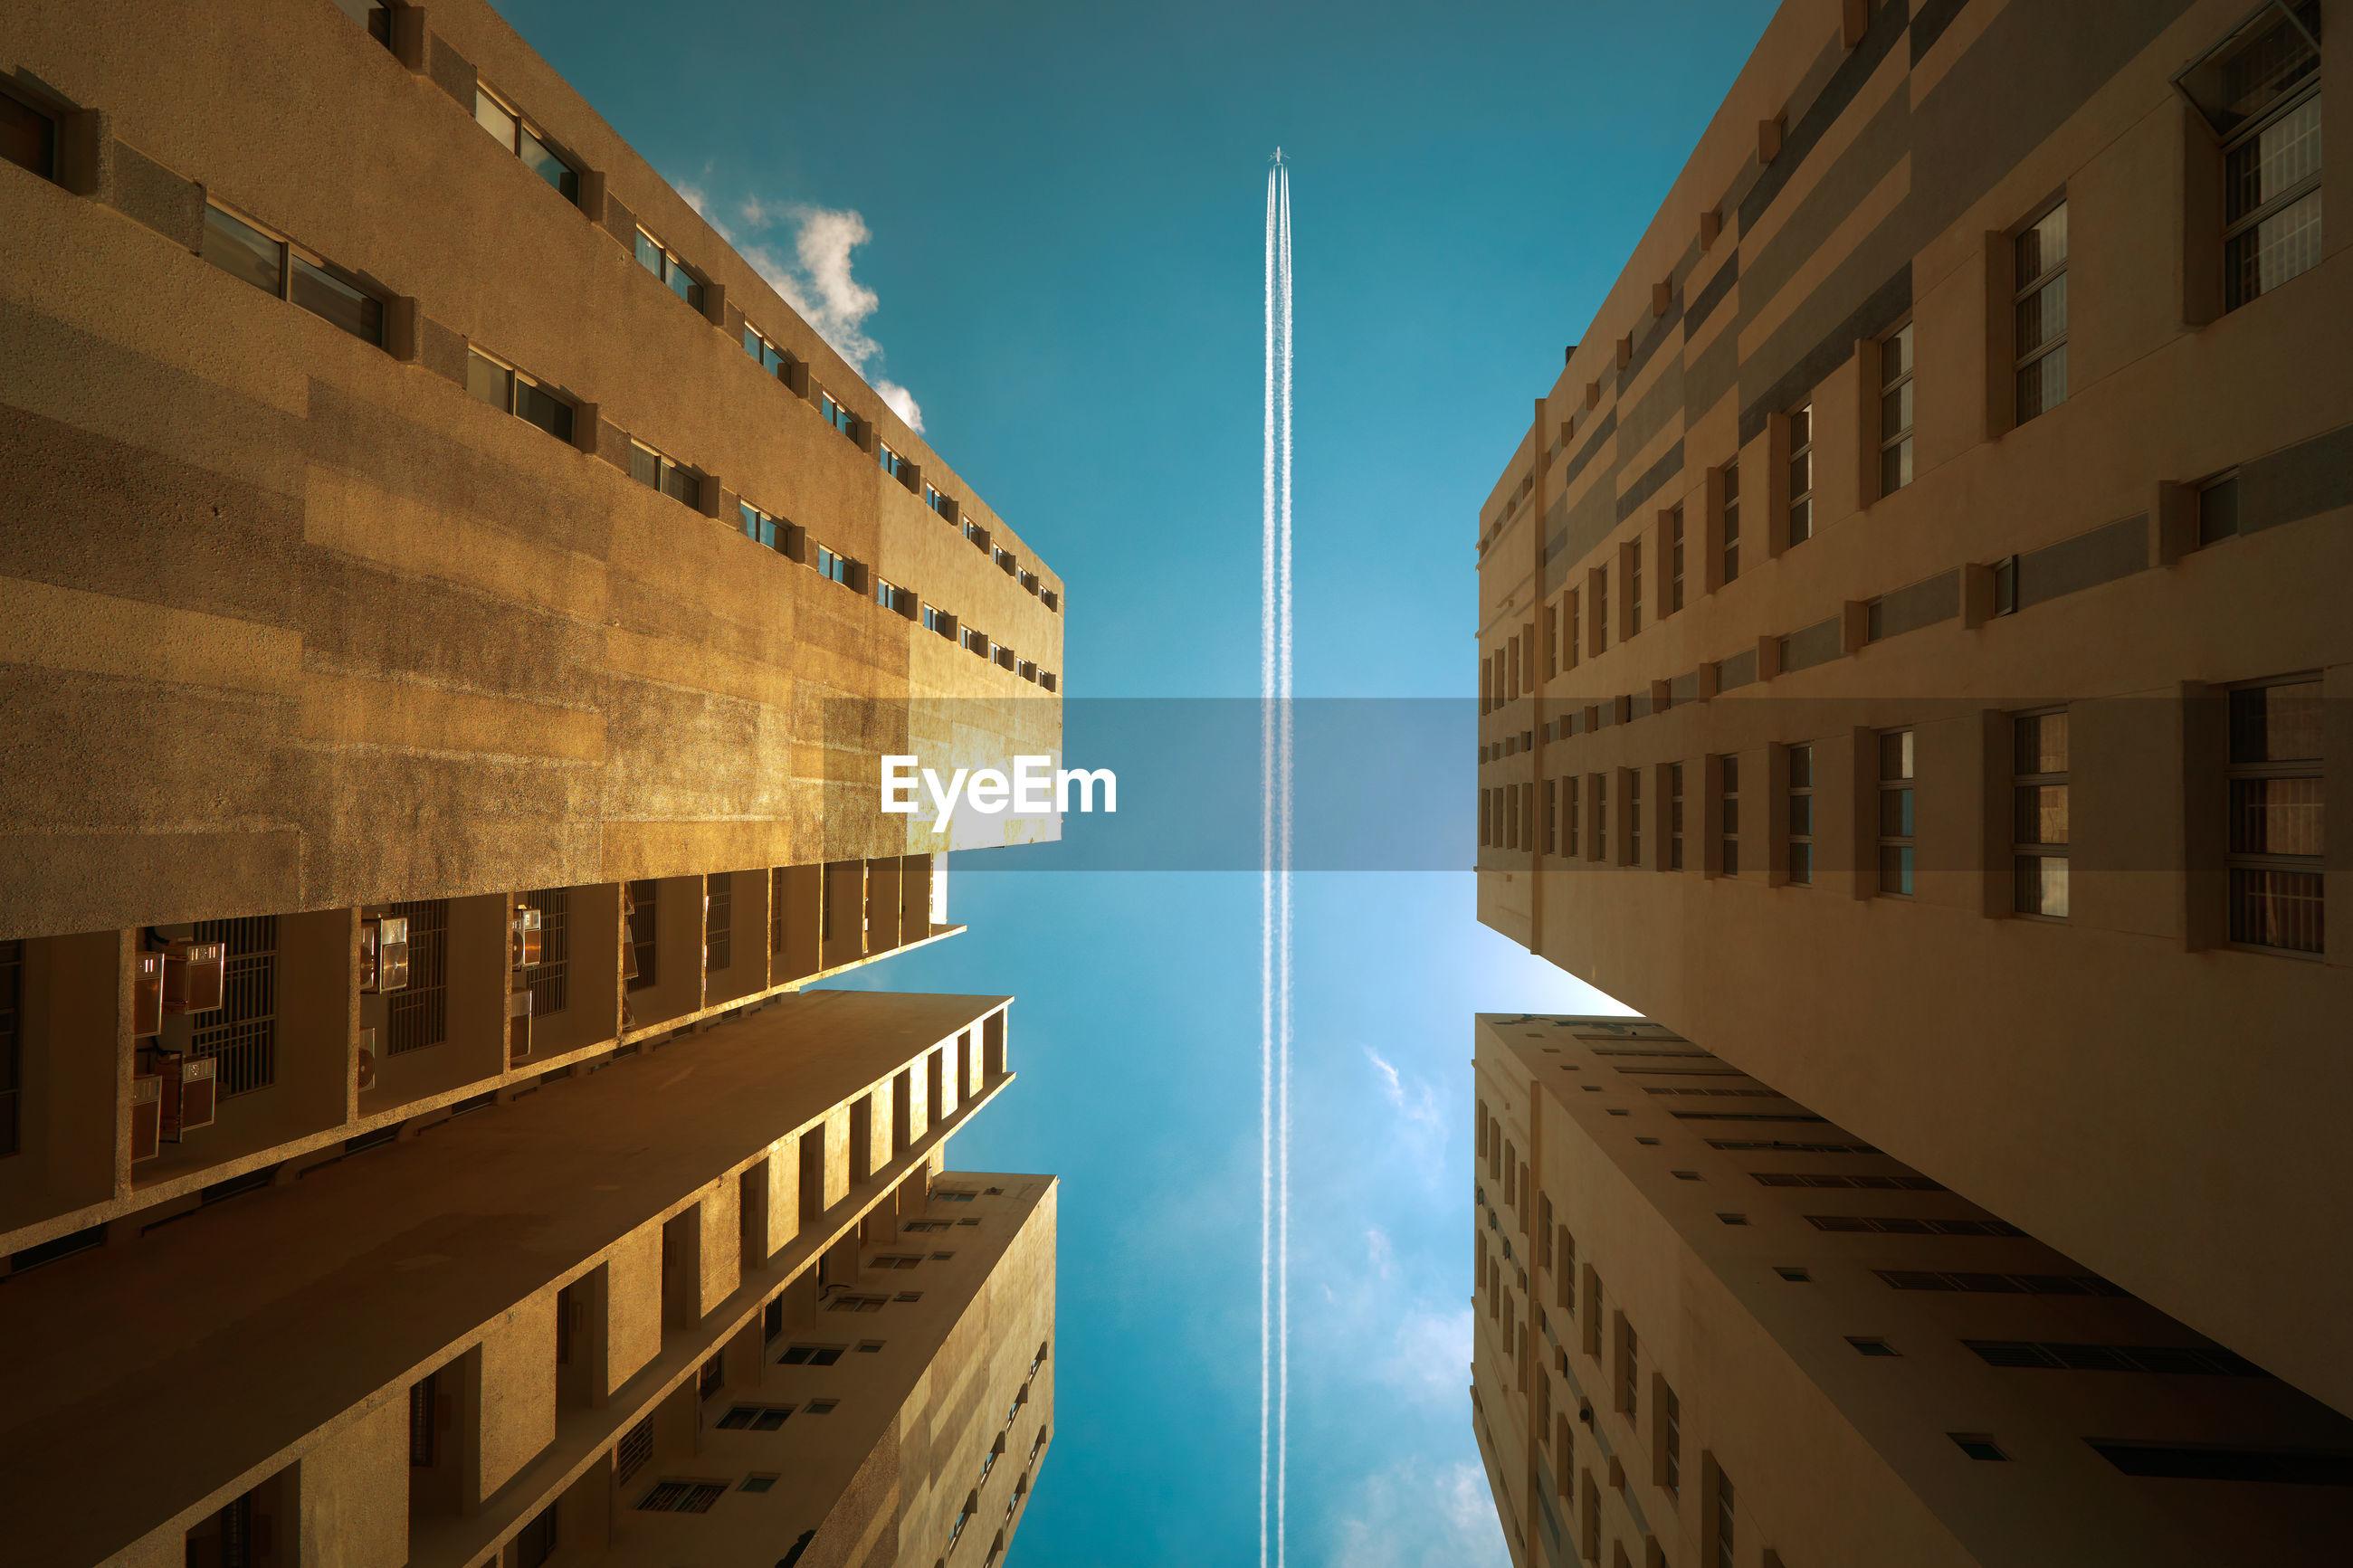 Directly below shot of buildings against blue sky